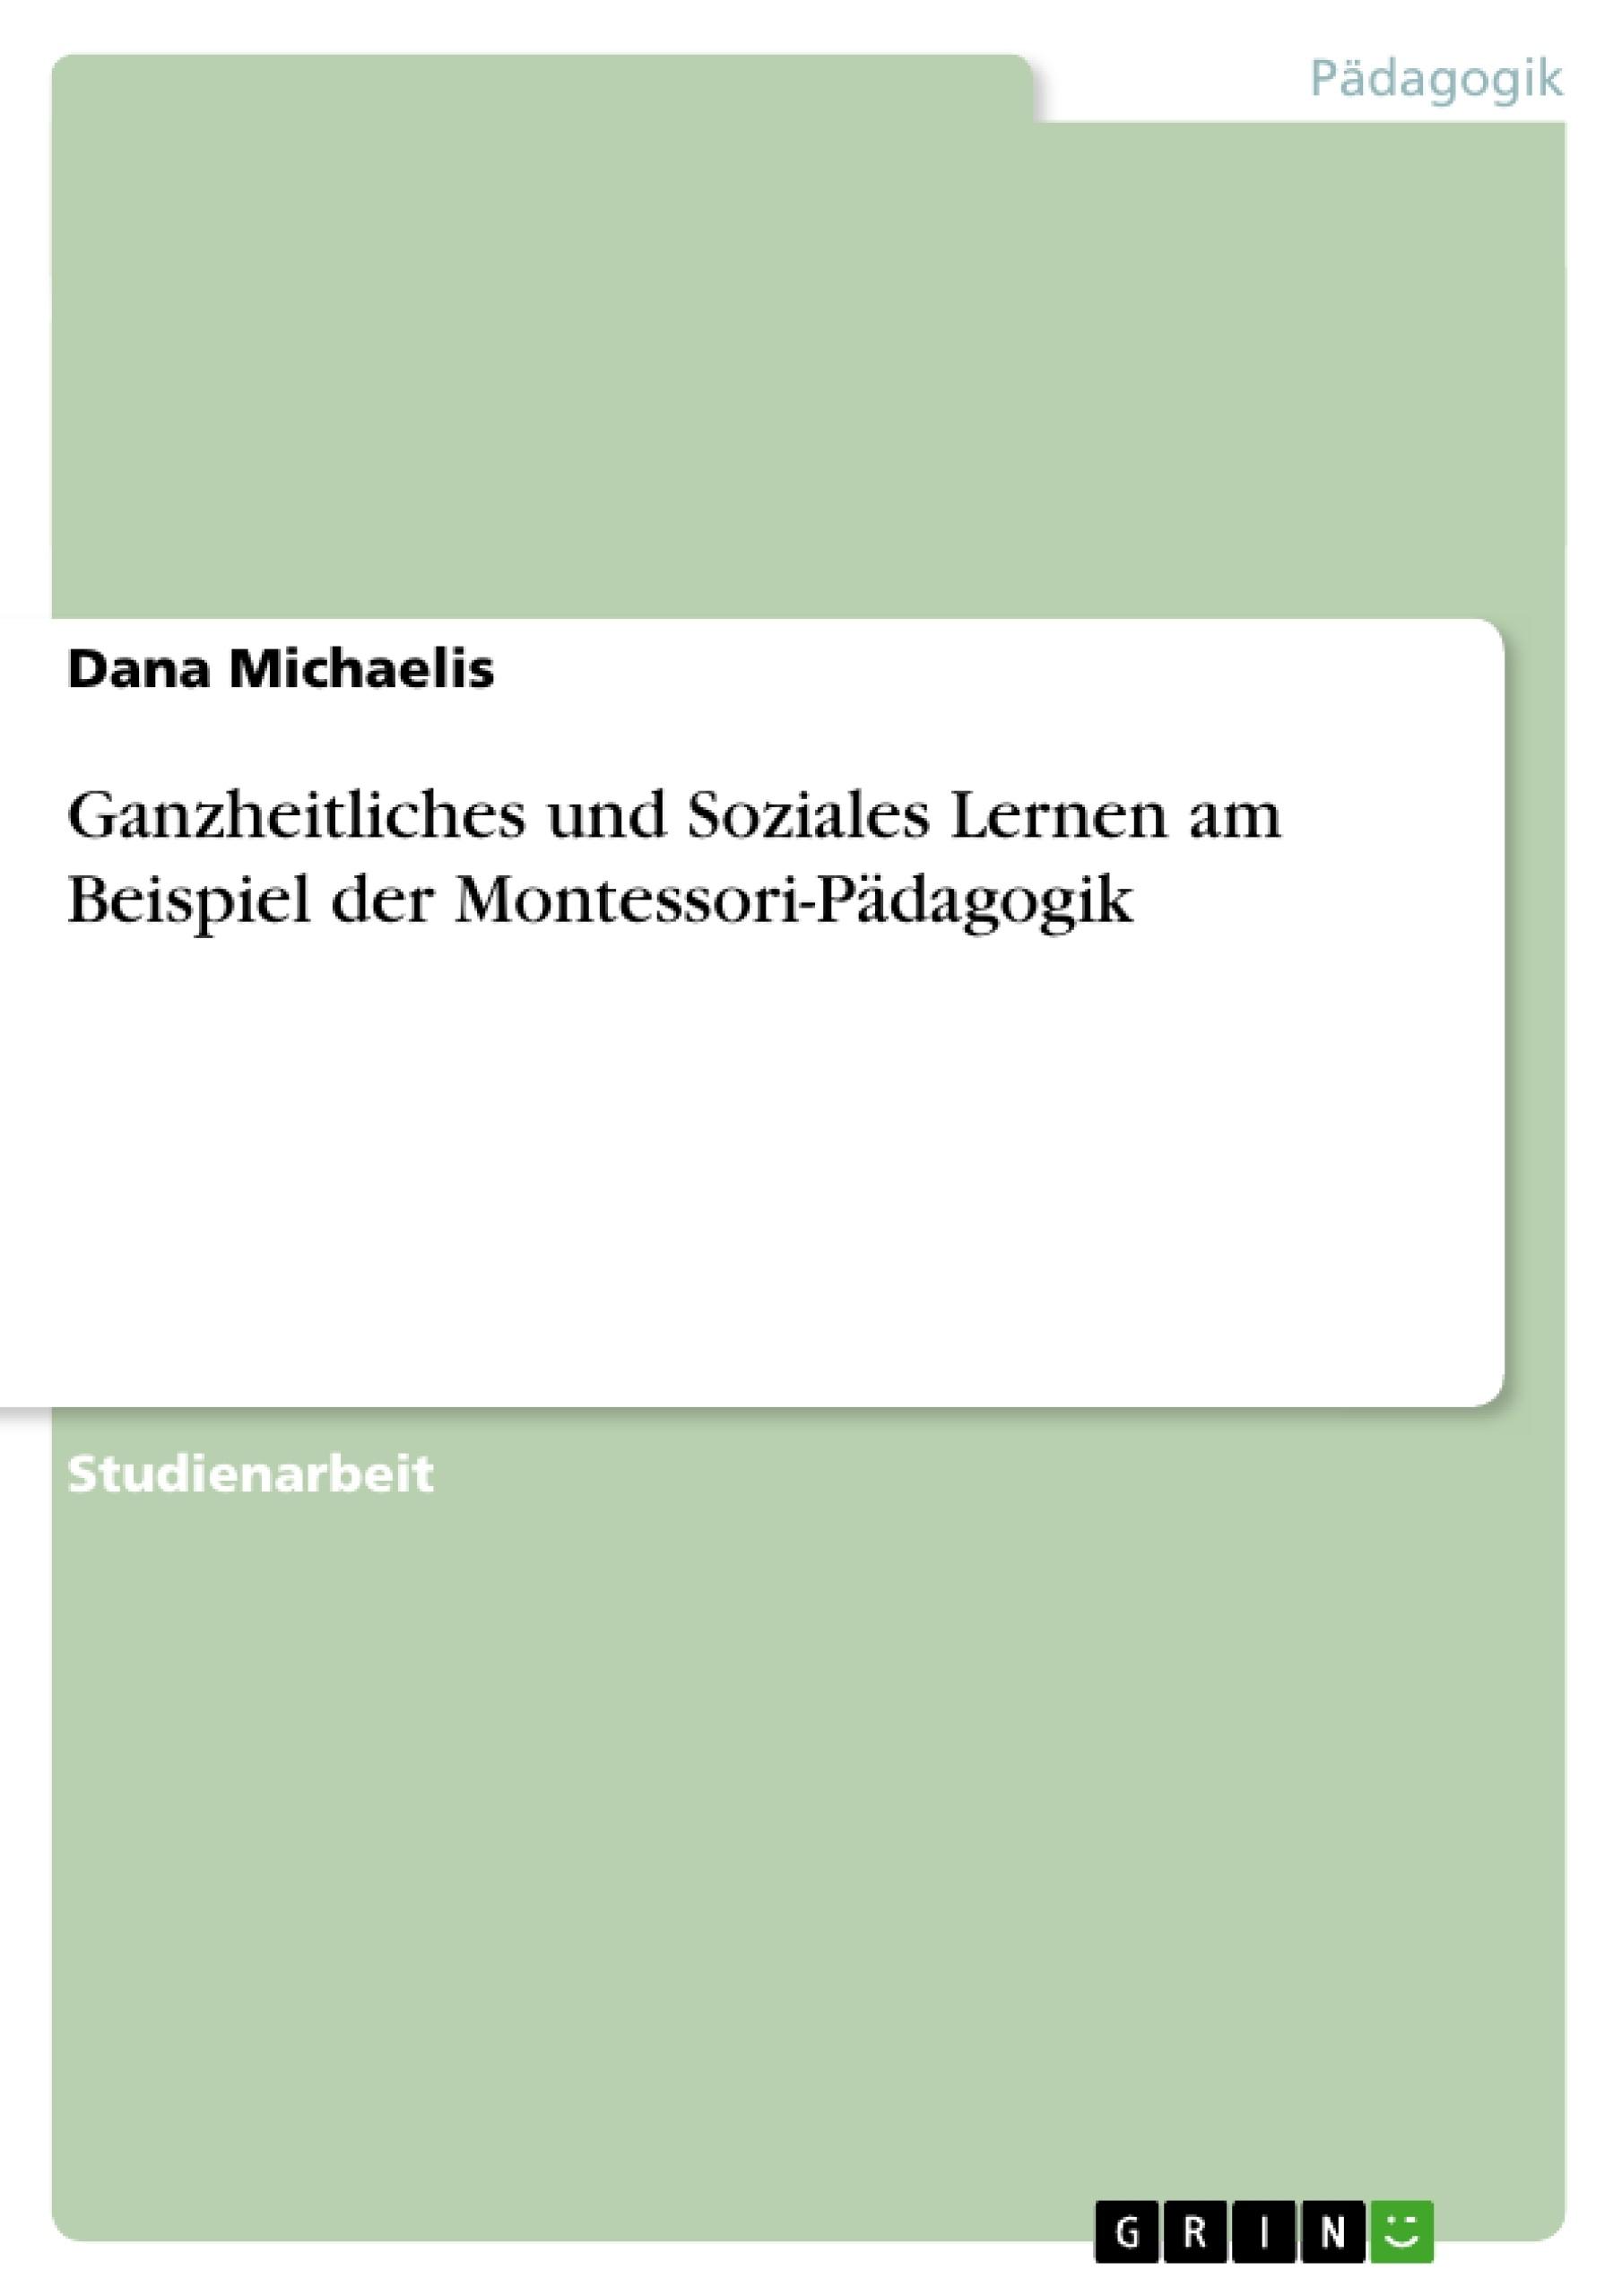 Titel: Ganzheitliches und Soziales Lernen am Beispiel der Montessori-Pädagogik